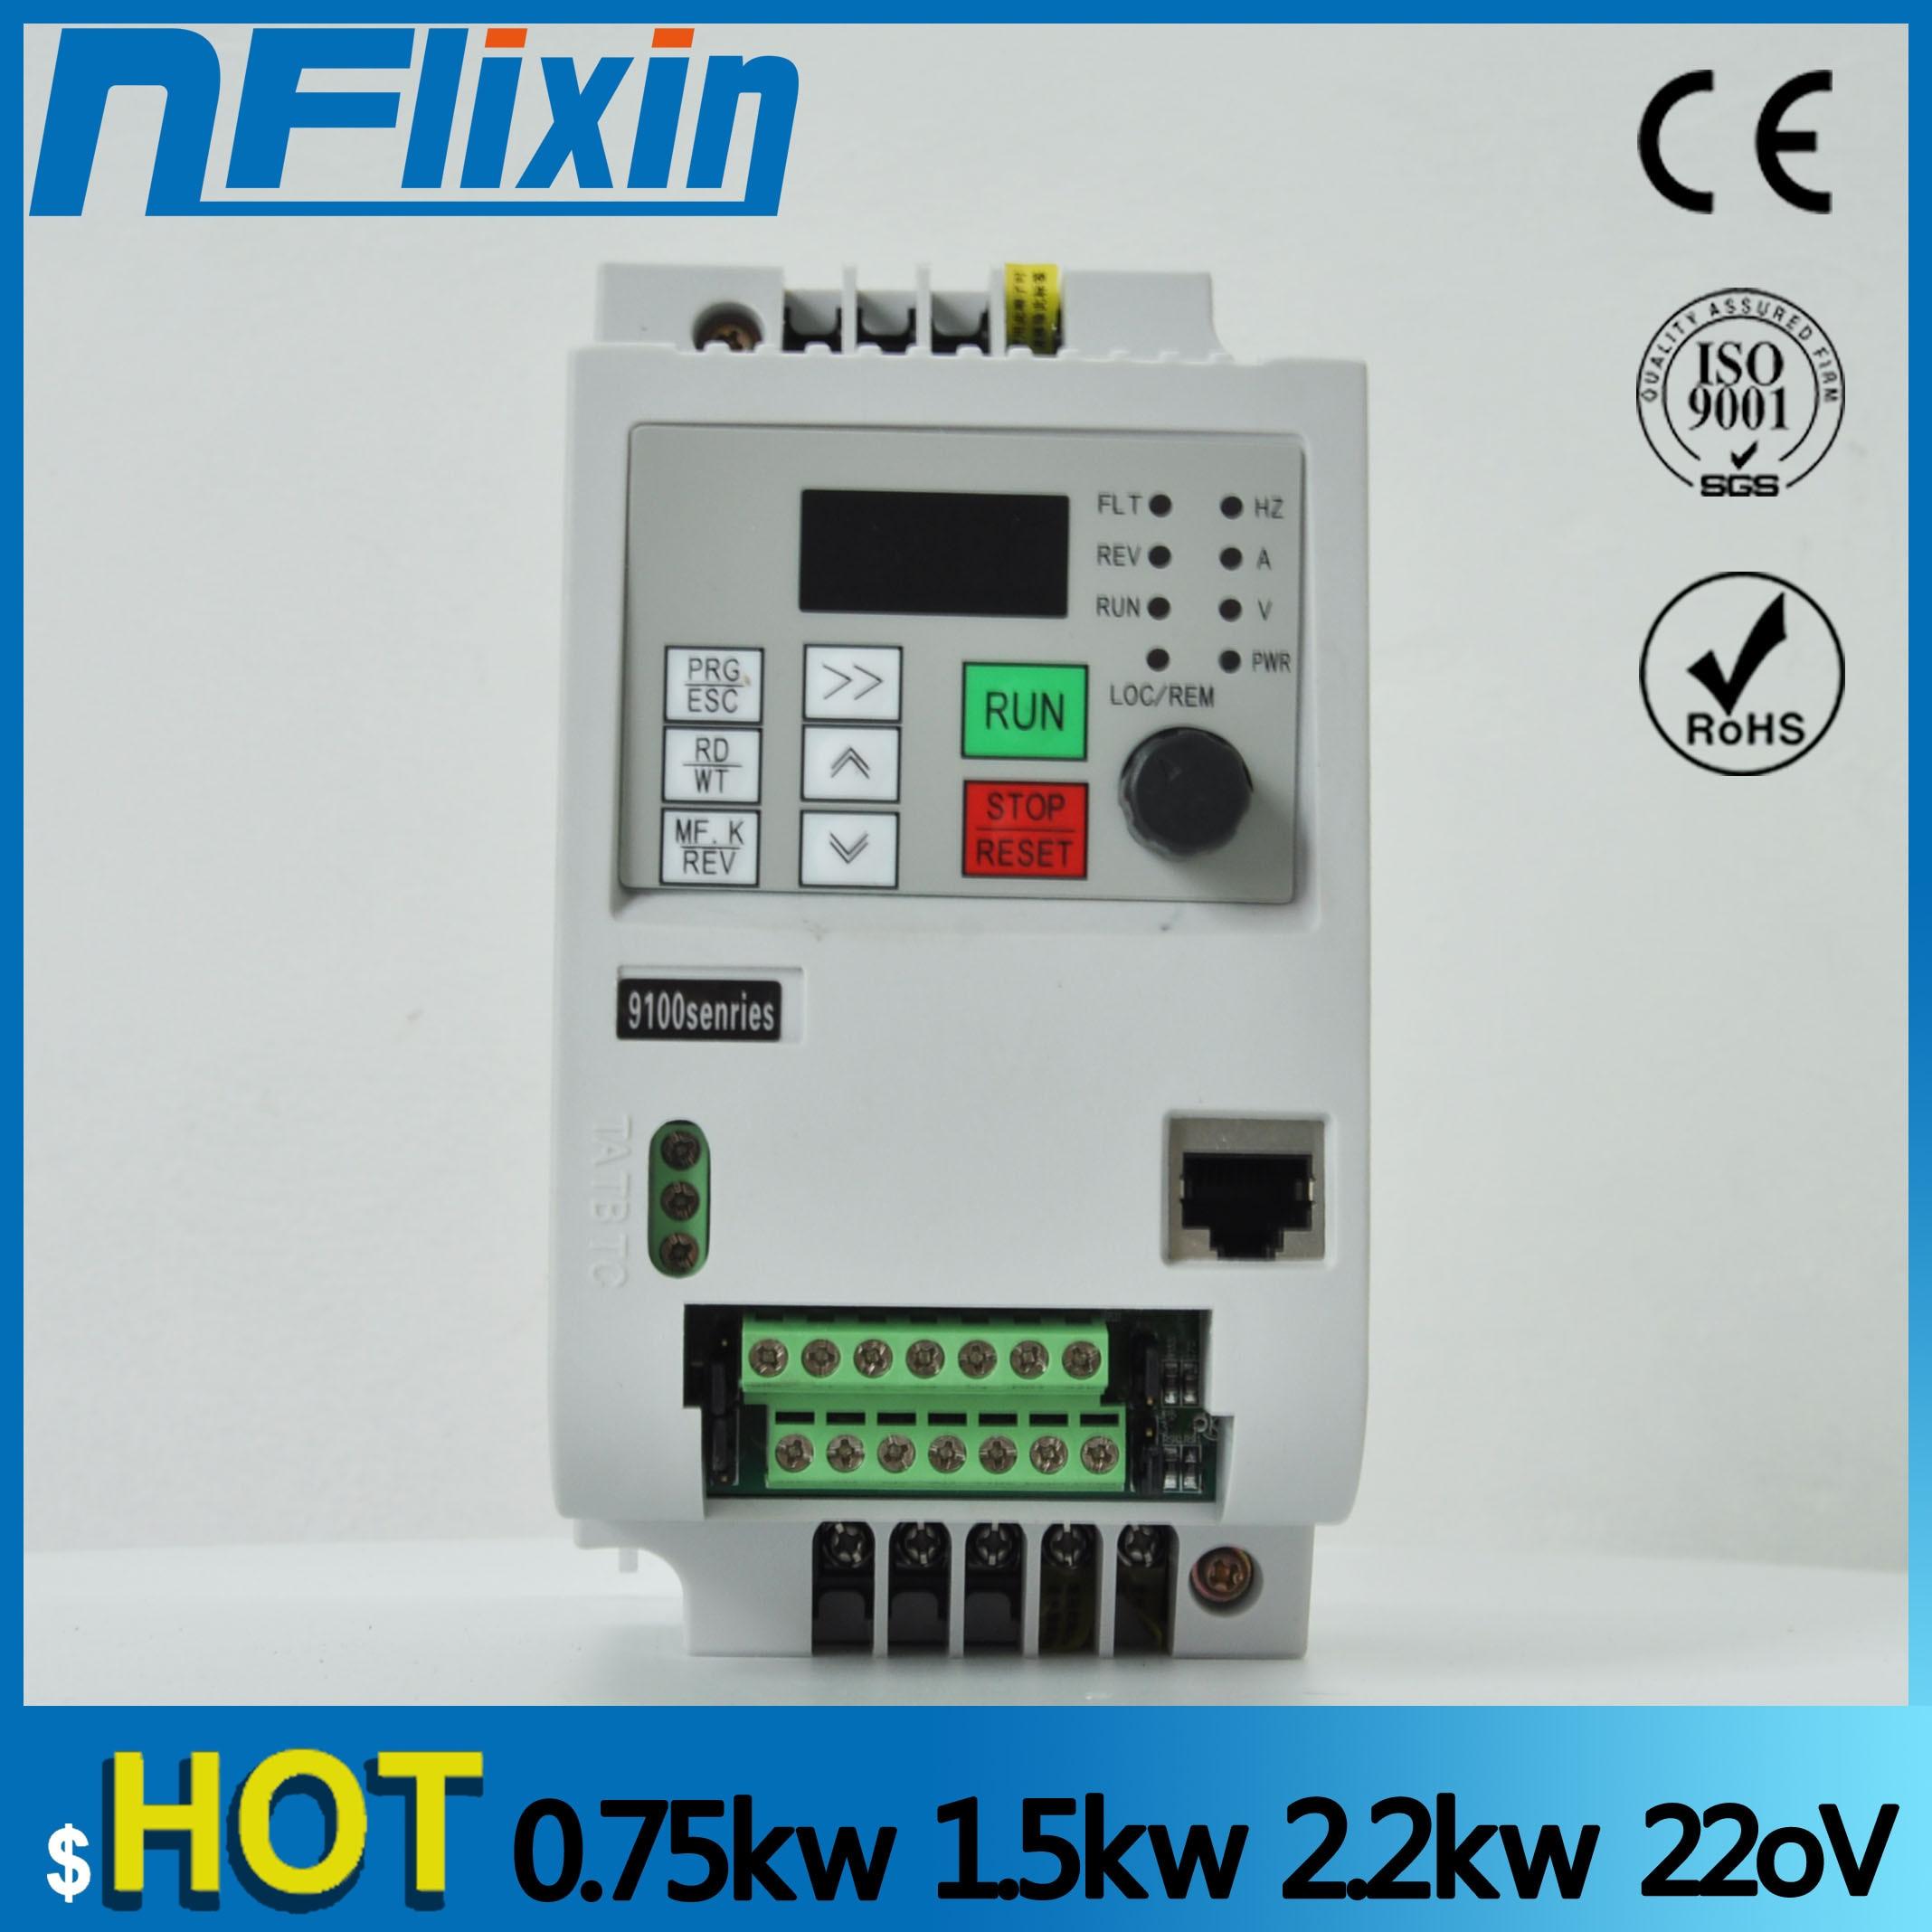 Częstotliwość 220 3 fazy Mini VFD napęd o zmiennej częstotliwości konwerter dla silnika kontrola prędkości przemiennik częstotliwości